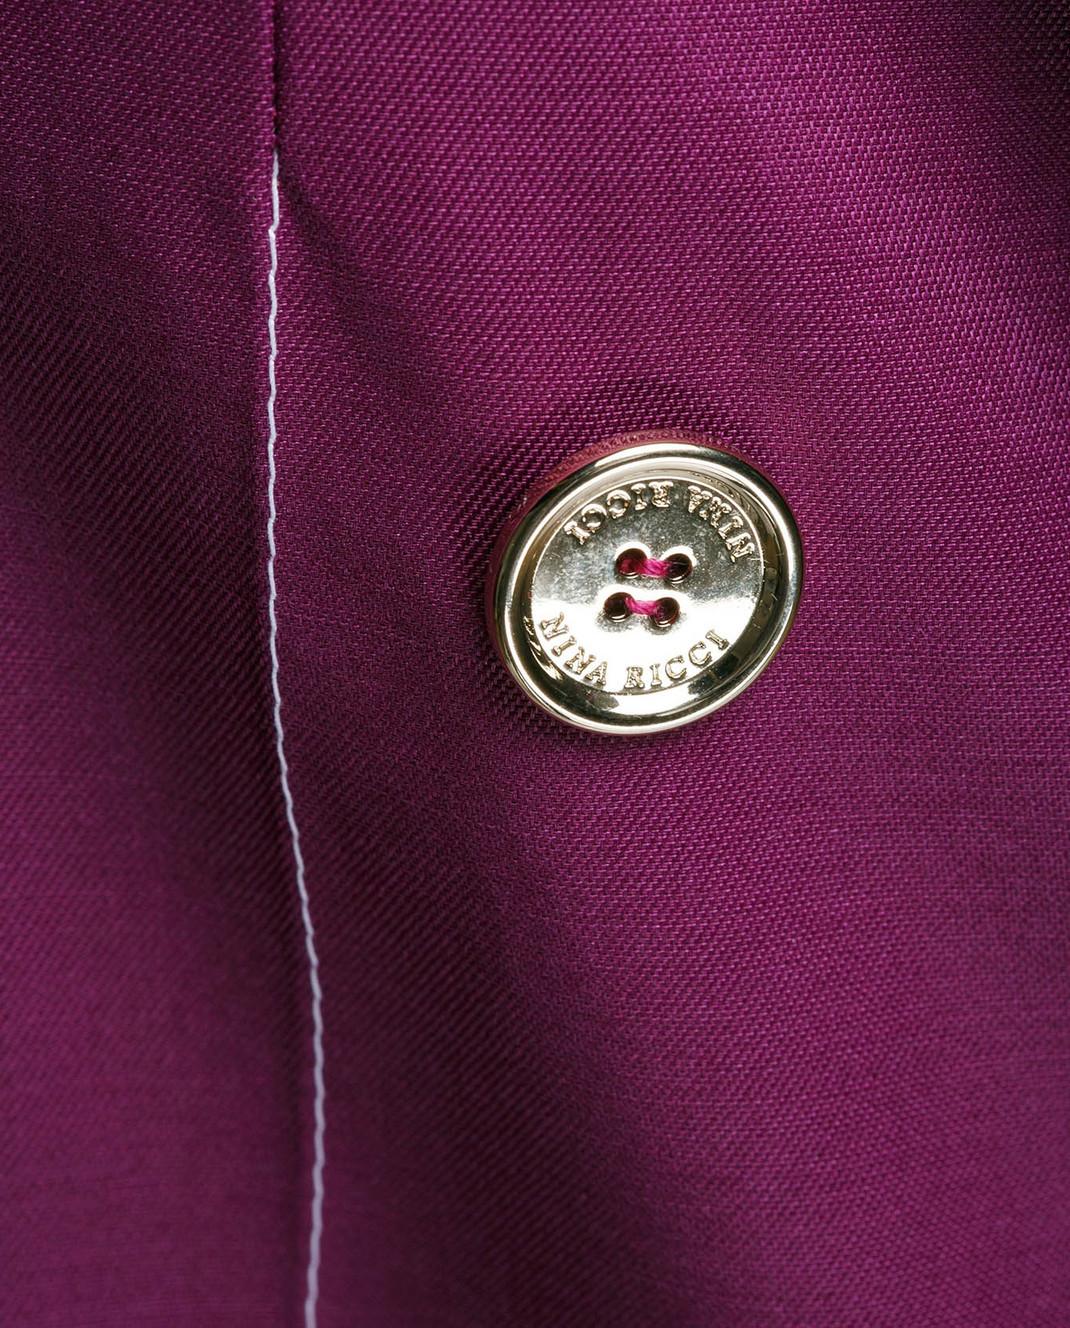 NINA RICCI Фиолетовый жакет из шерсти и шелка 17ECVE017WV0212 изображение 5